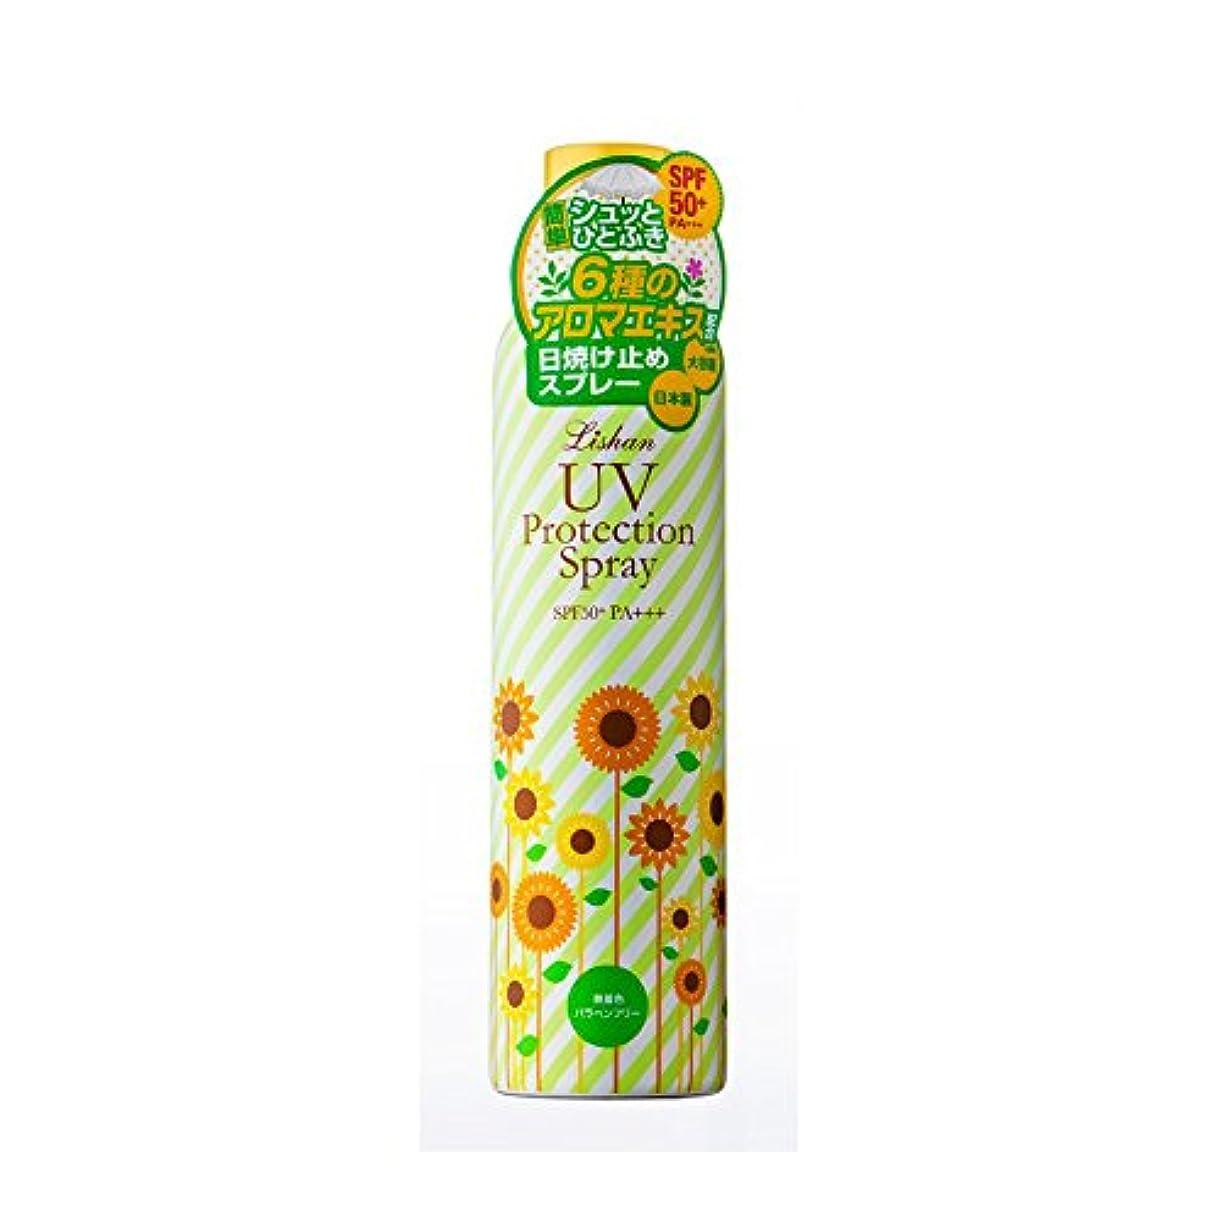 原稿気絶させる食料品店リシャン 大容量UVスプレー アロマミックスの香り (230g)